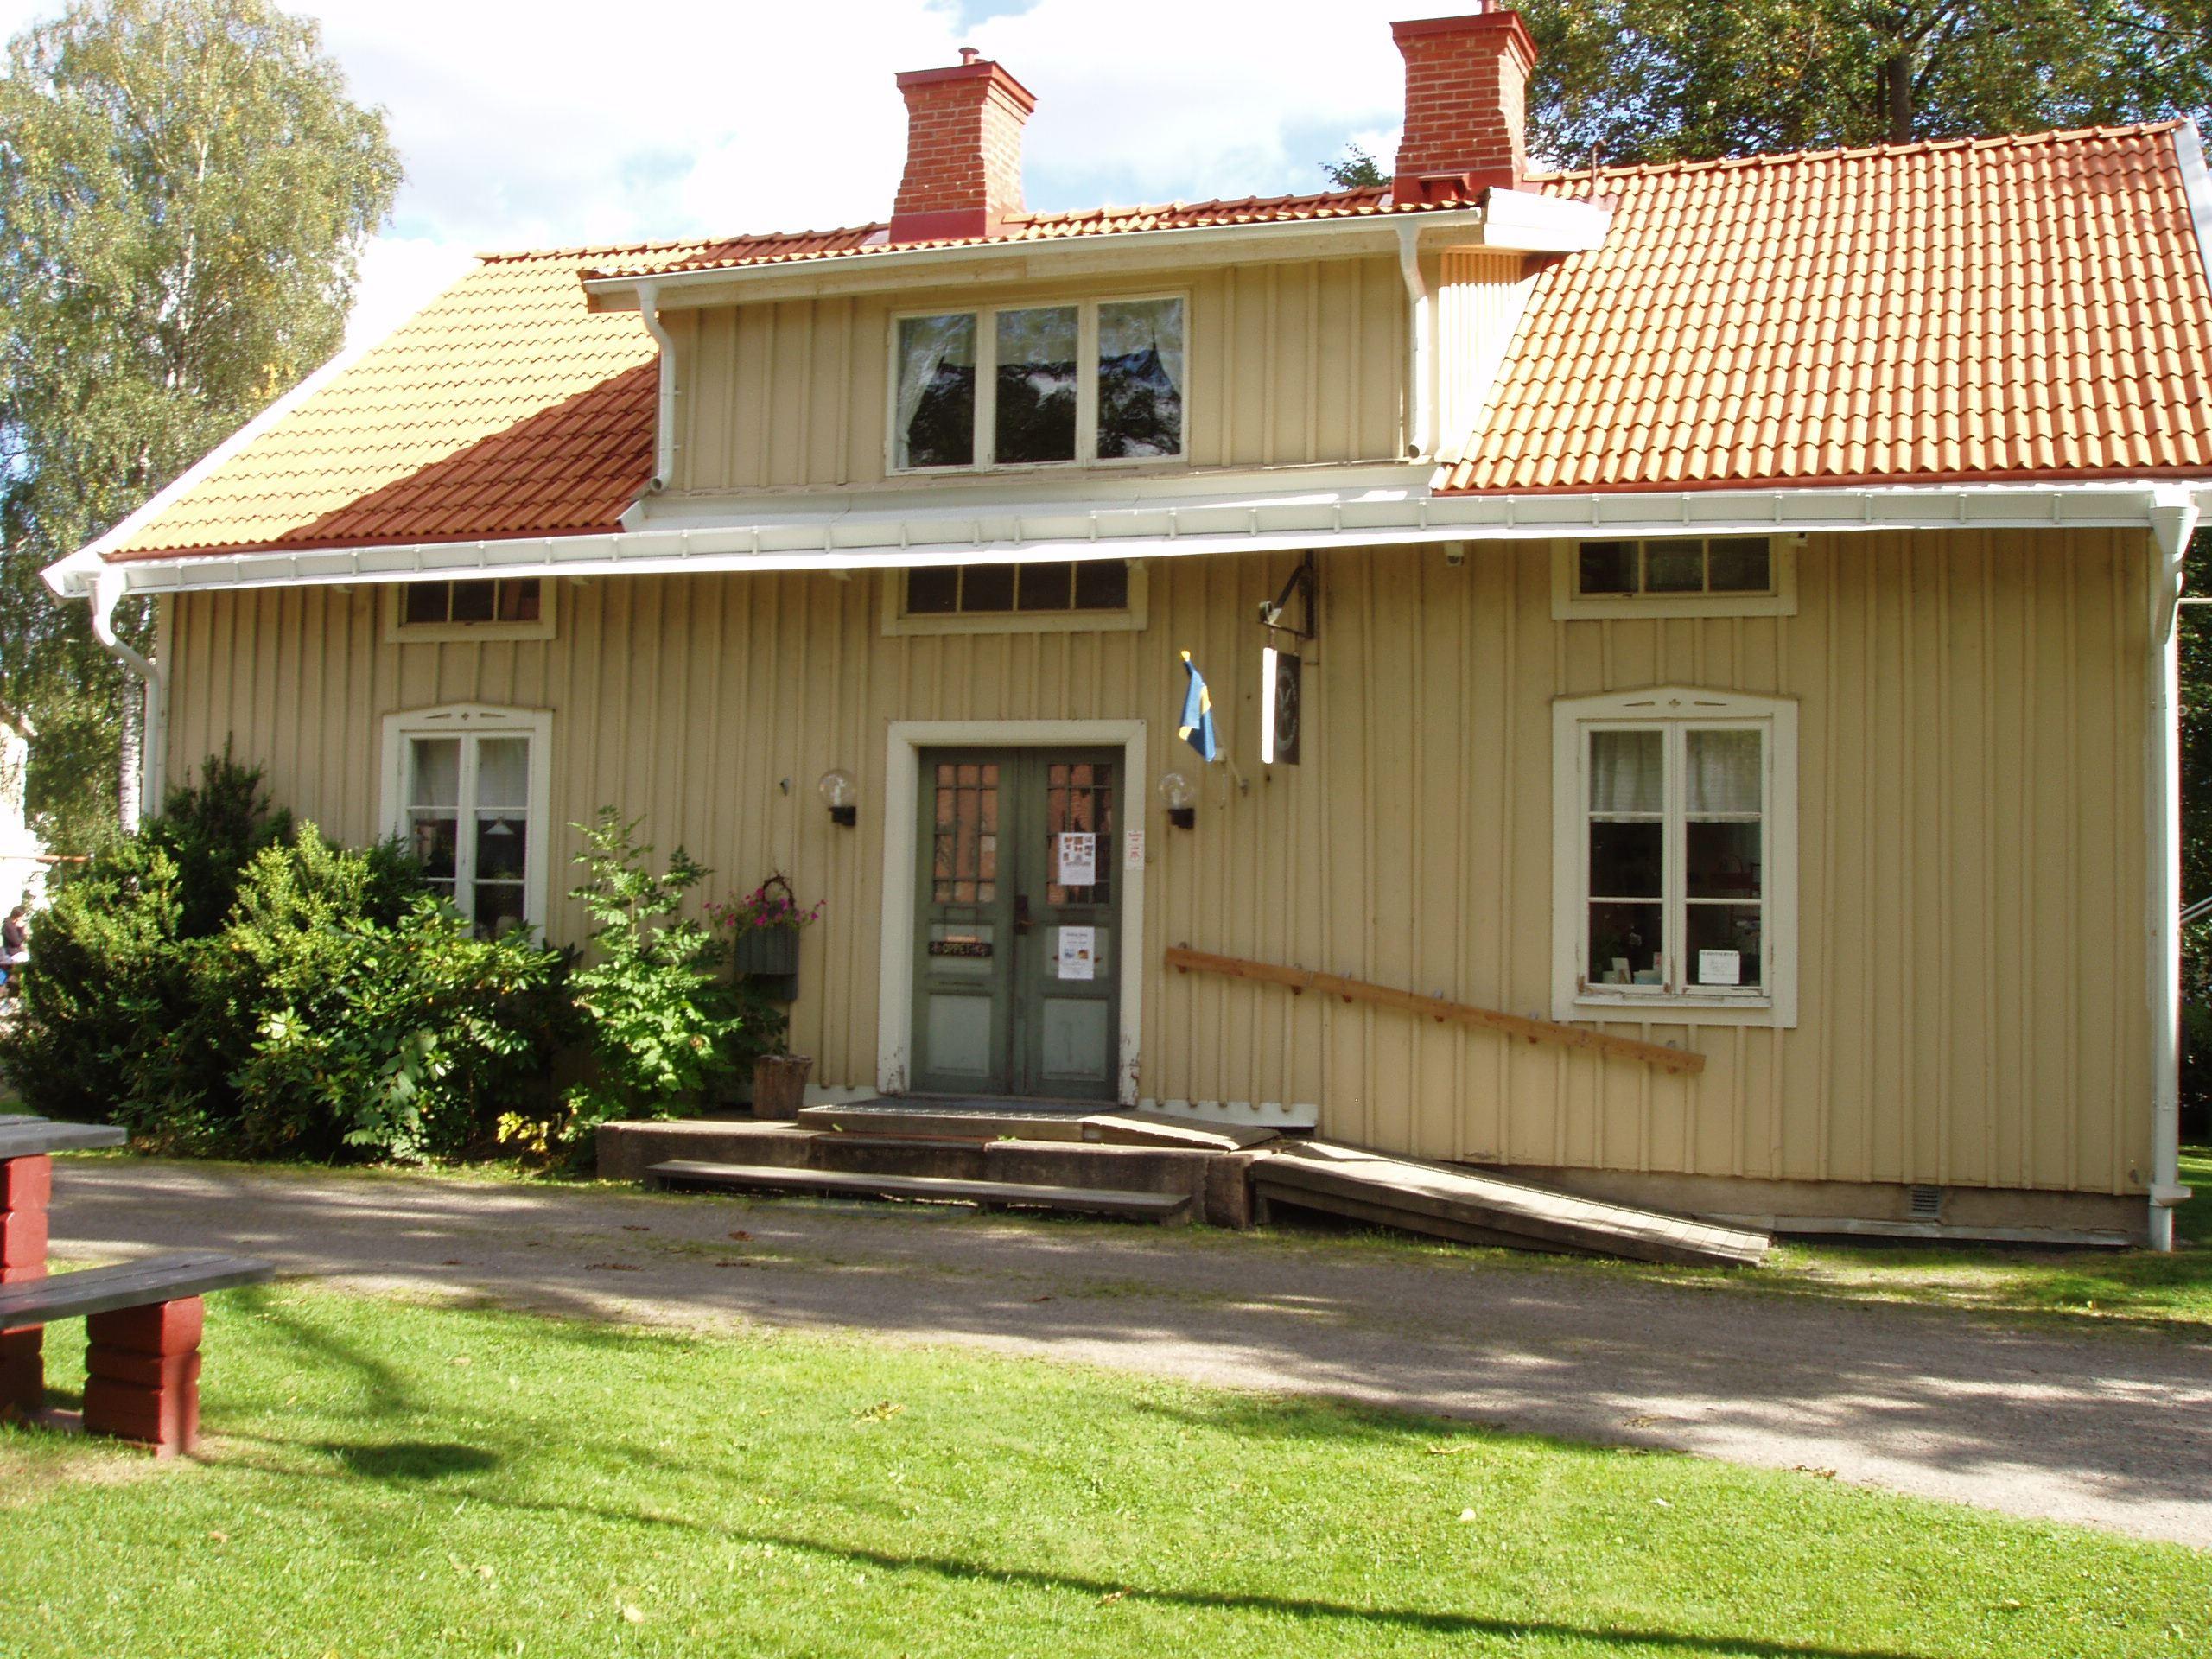 © Vetlanda turistbyrå, Hantverksgården